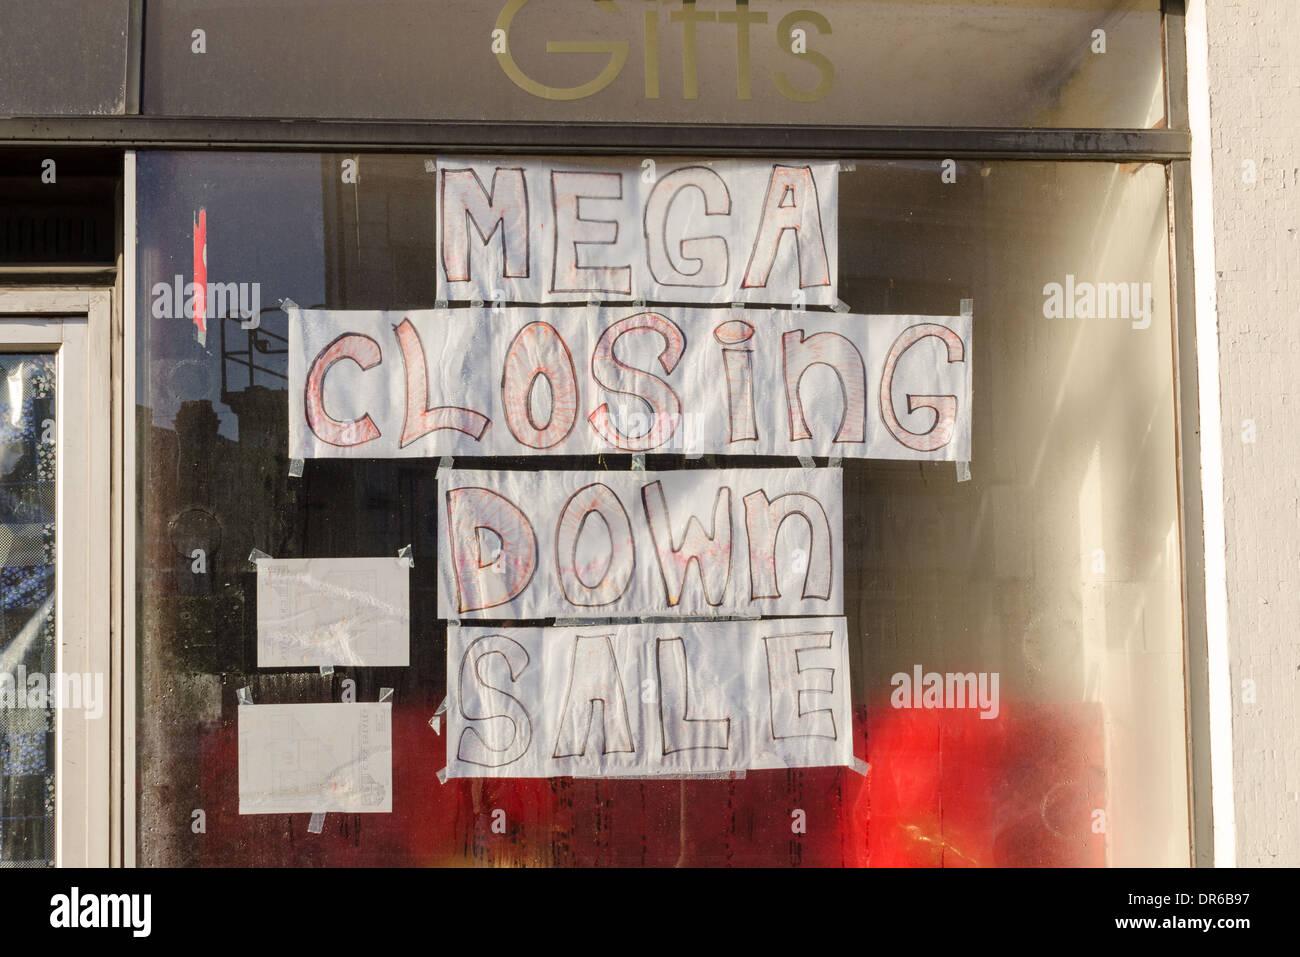 Mega cerrando la venta poster dibujado a mano en el escaparate Imagen De Stock